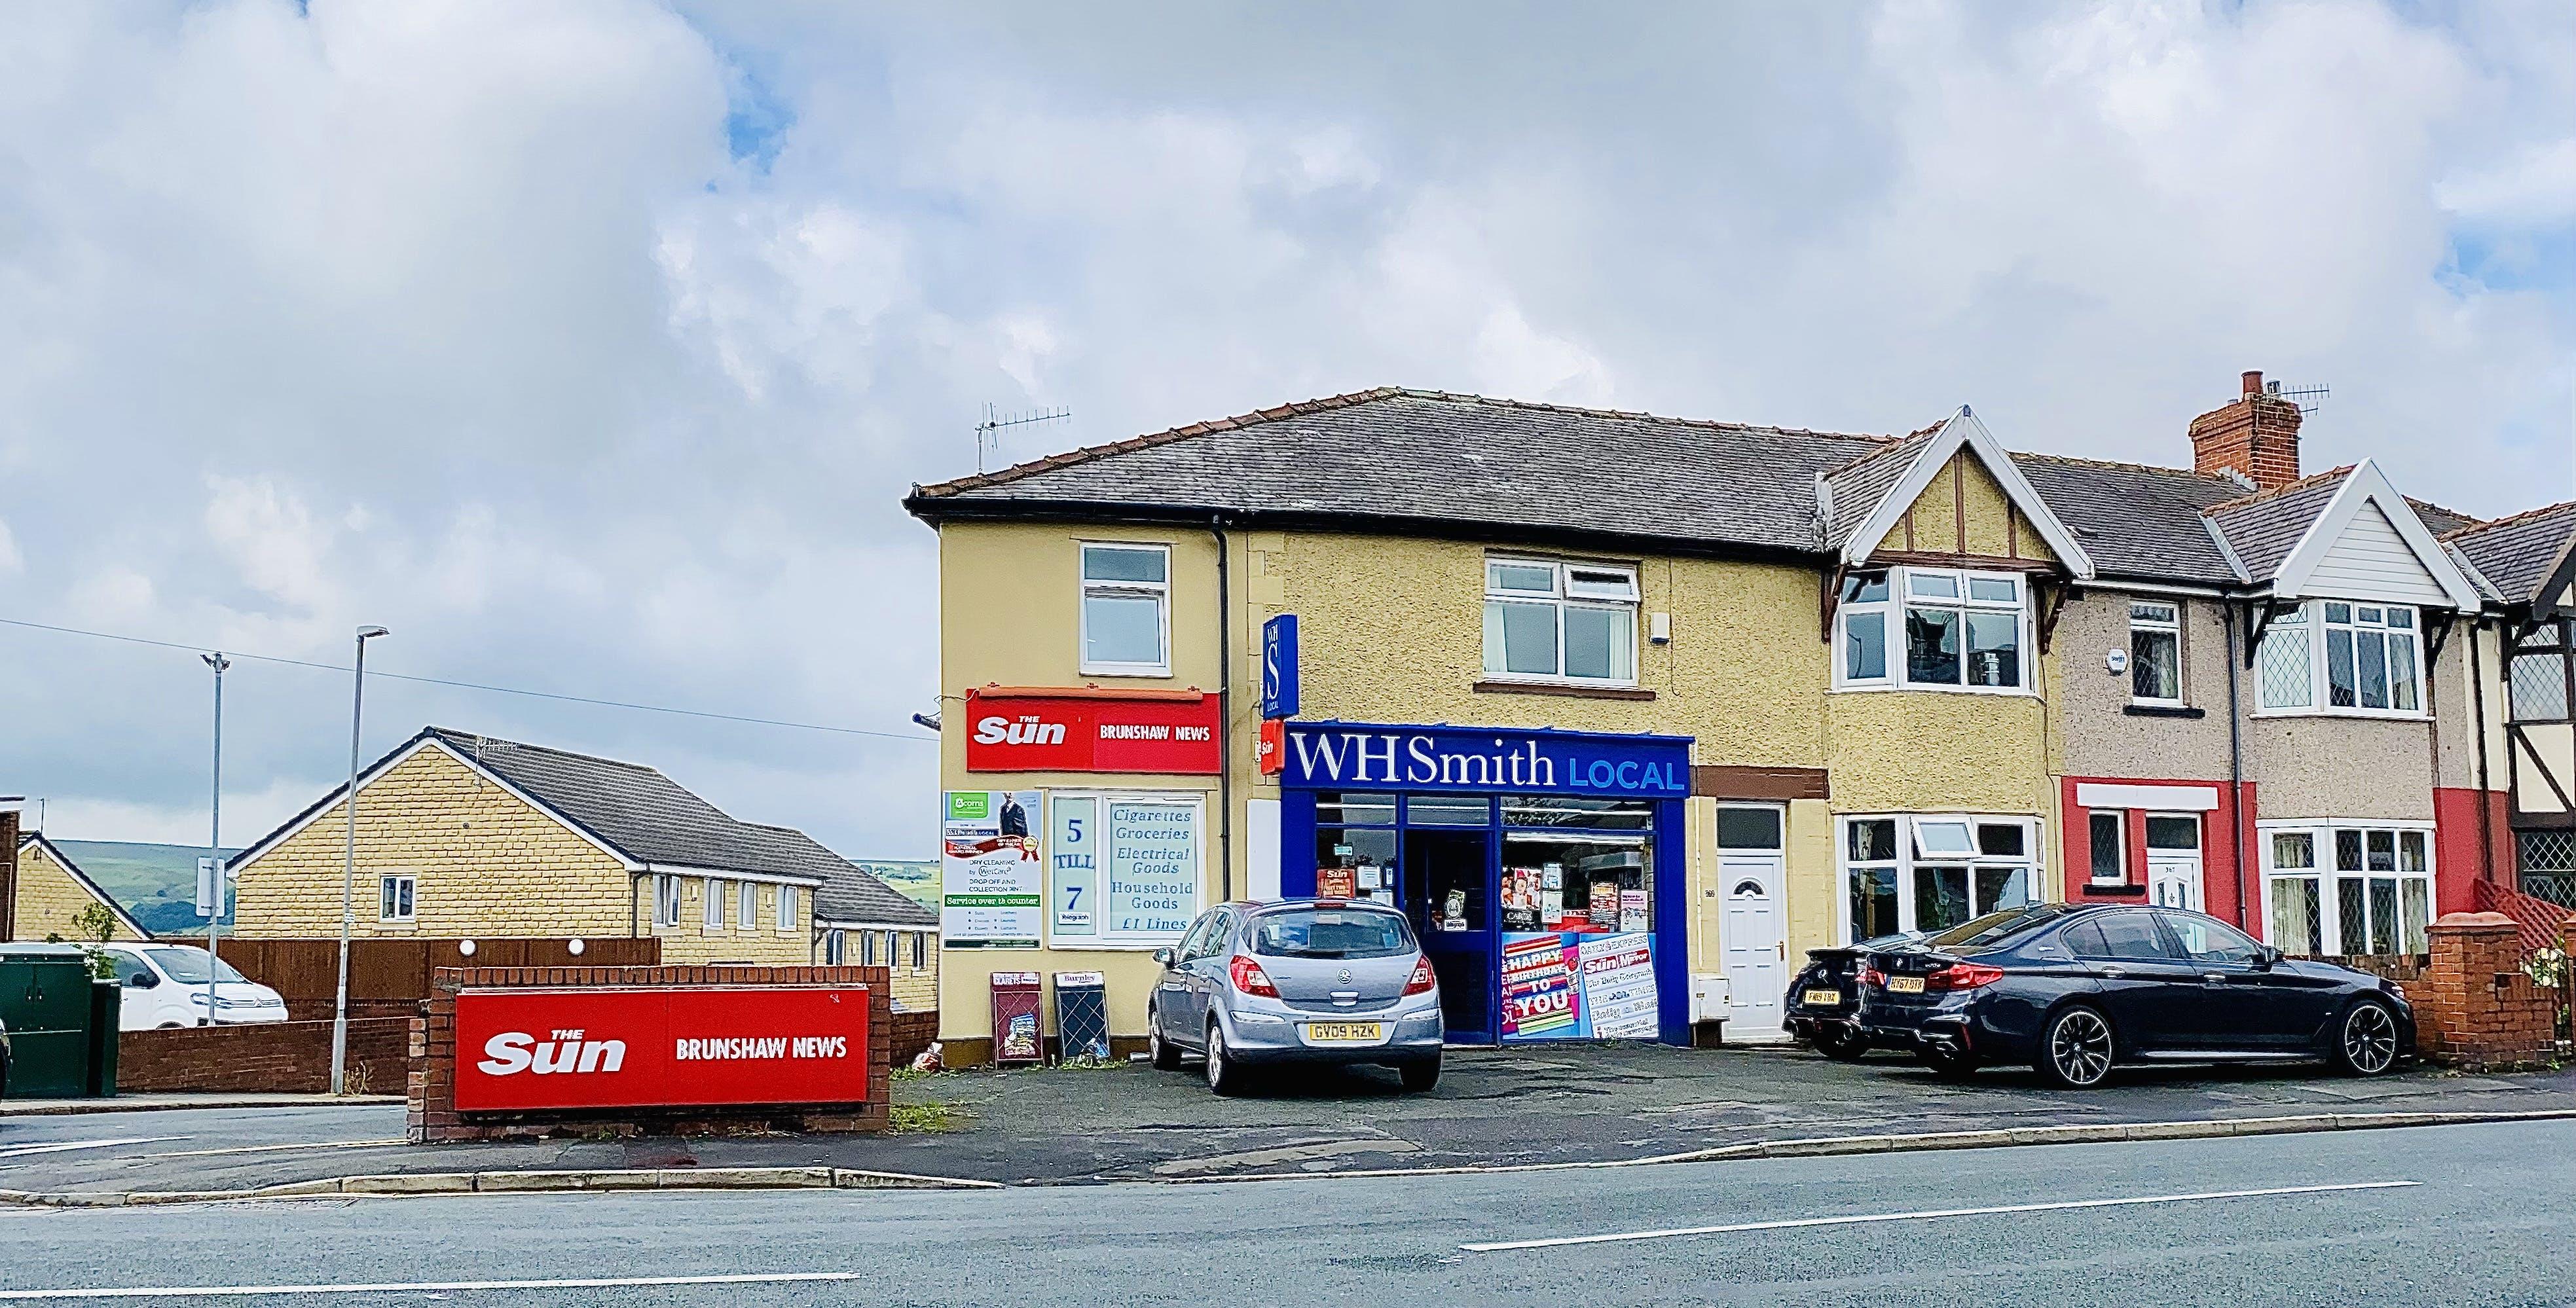 369 Brunshaw Road, Burnley